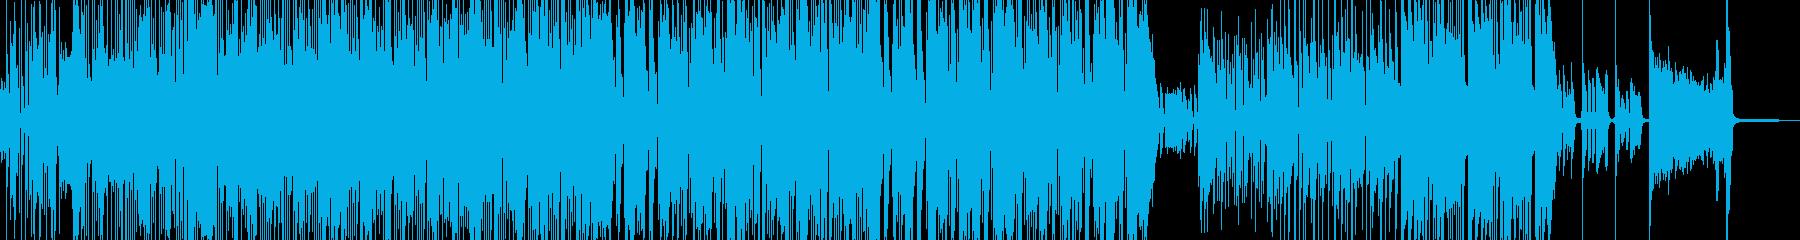 賑やかでハイテンションなスカポップ Cの再生済みの波形